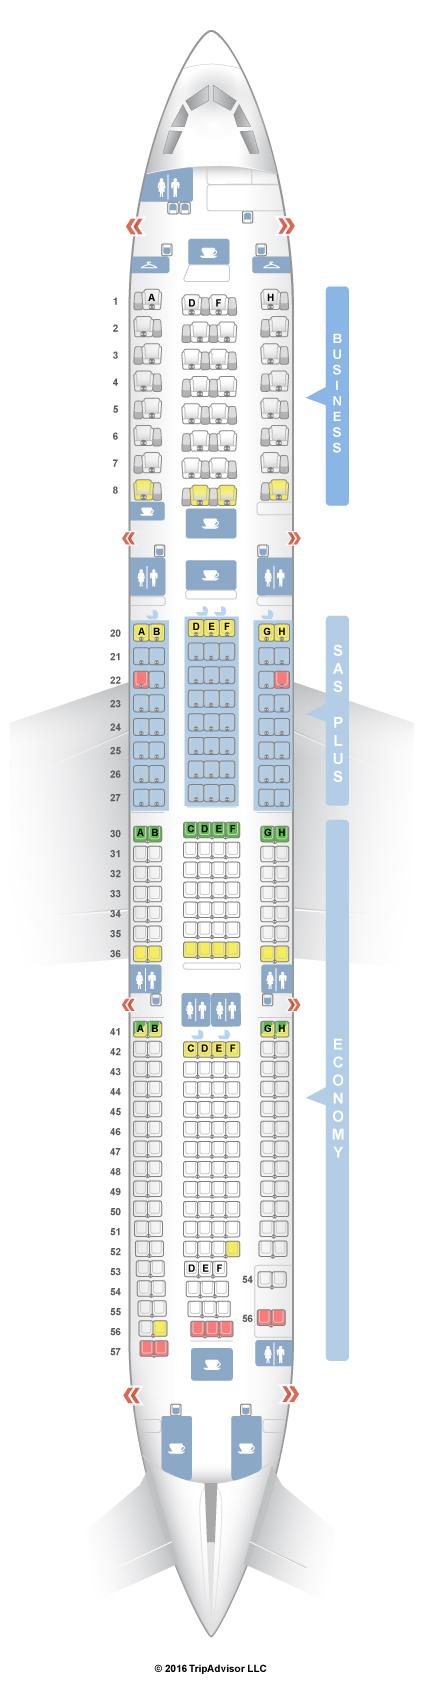 sas a340 seat map